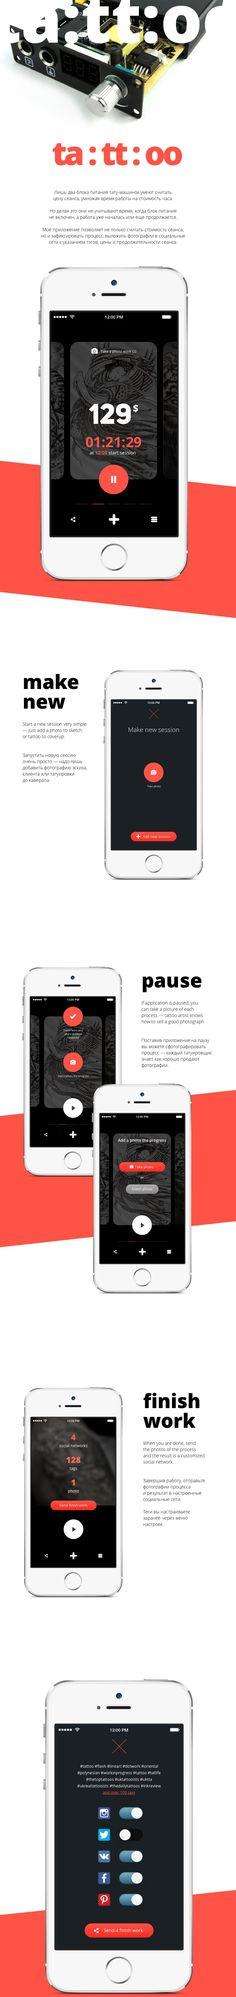 Daily Mobile UI Design Inspiration #502